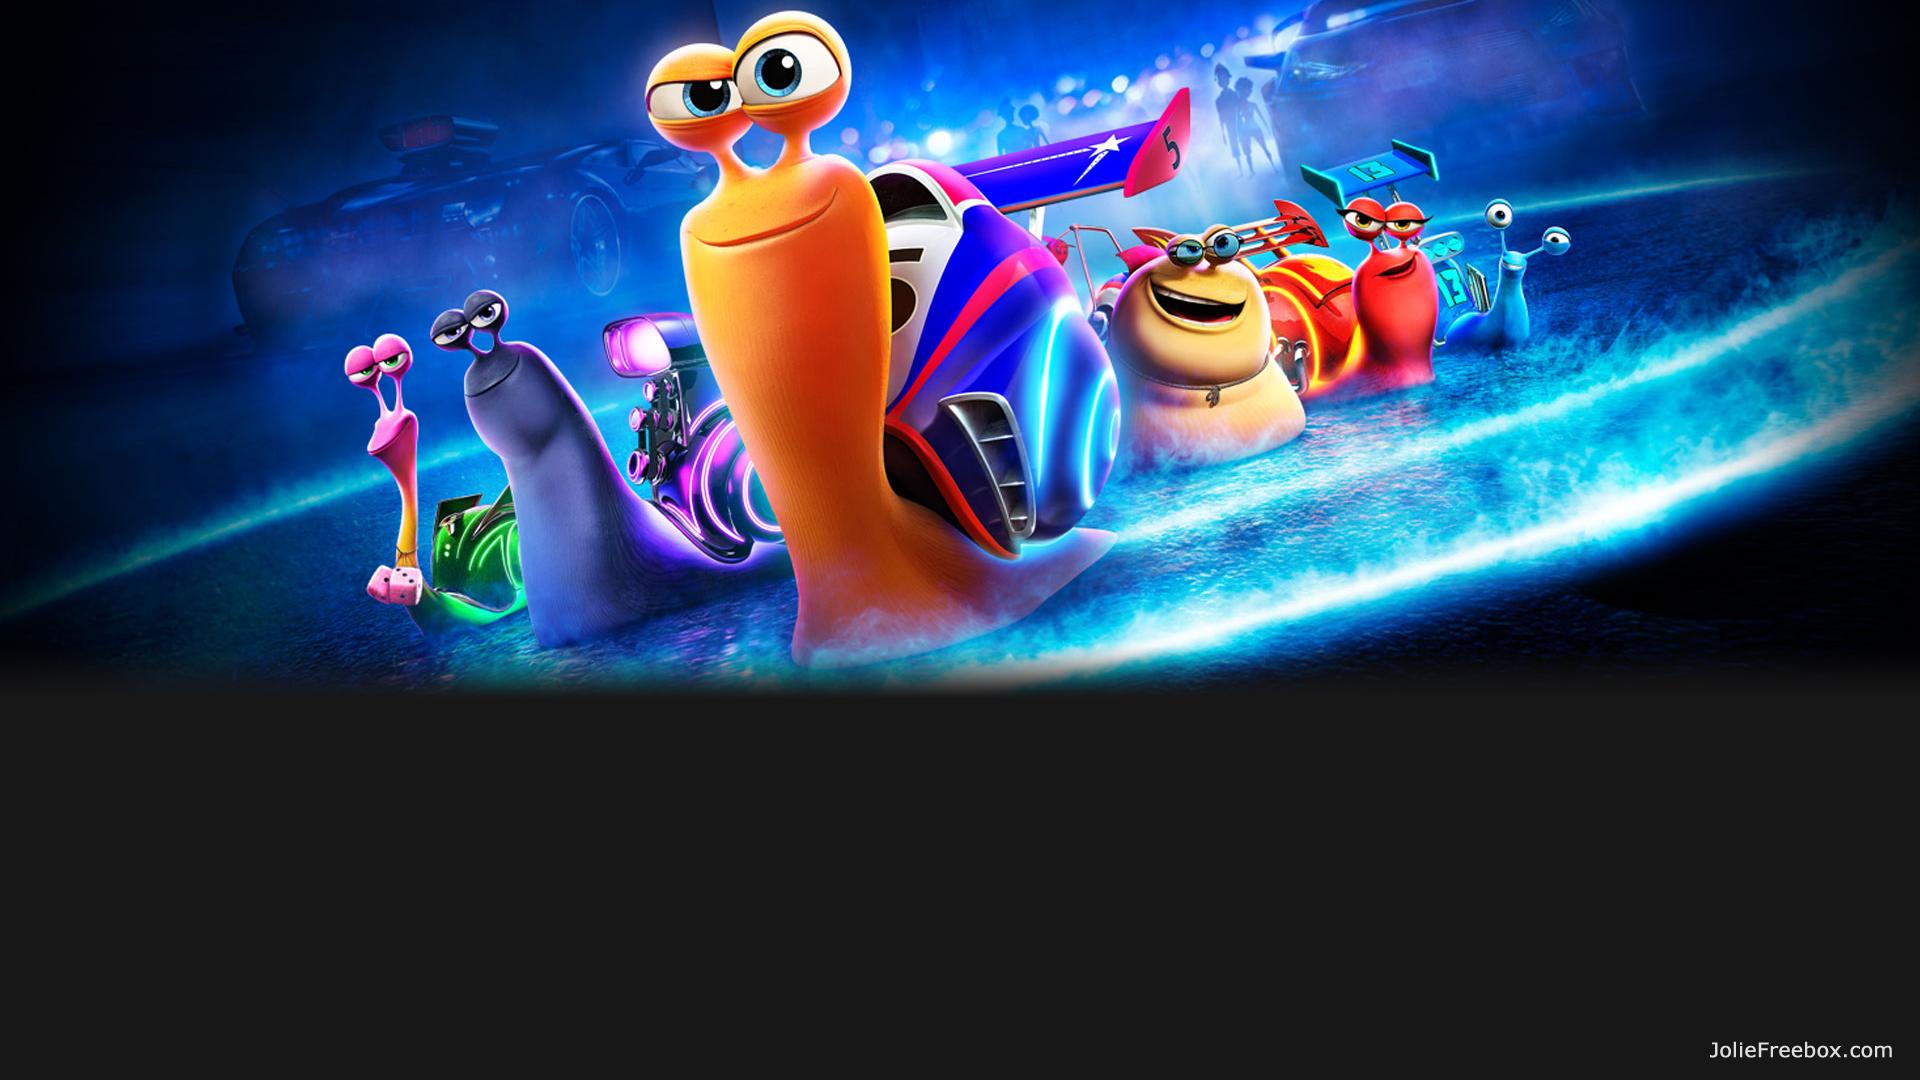 Turbo l'escargot du dessin animé DreamWorks sur votre écran d'accueil Freebox